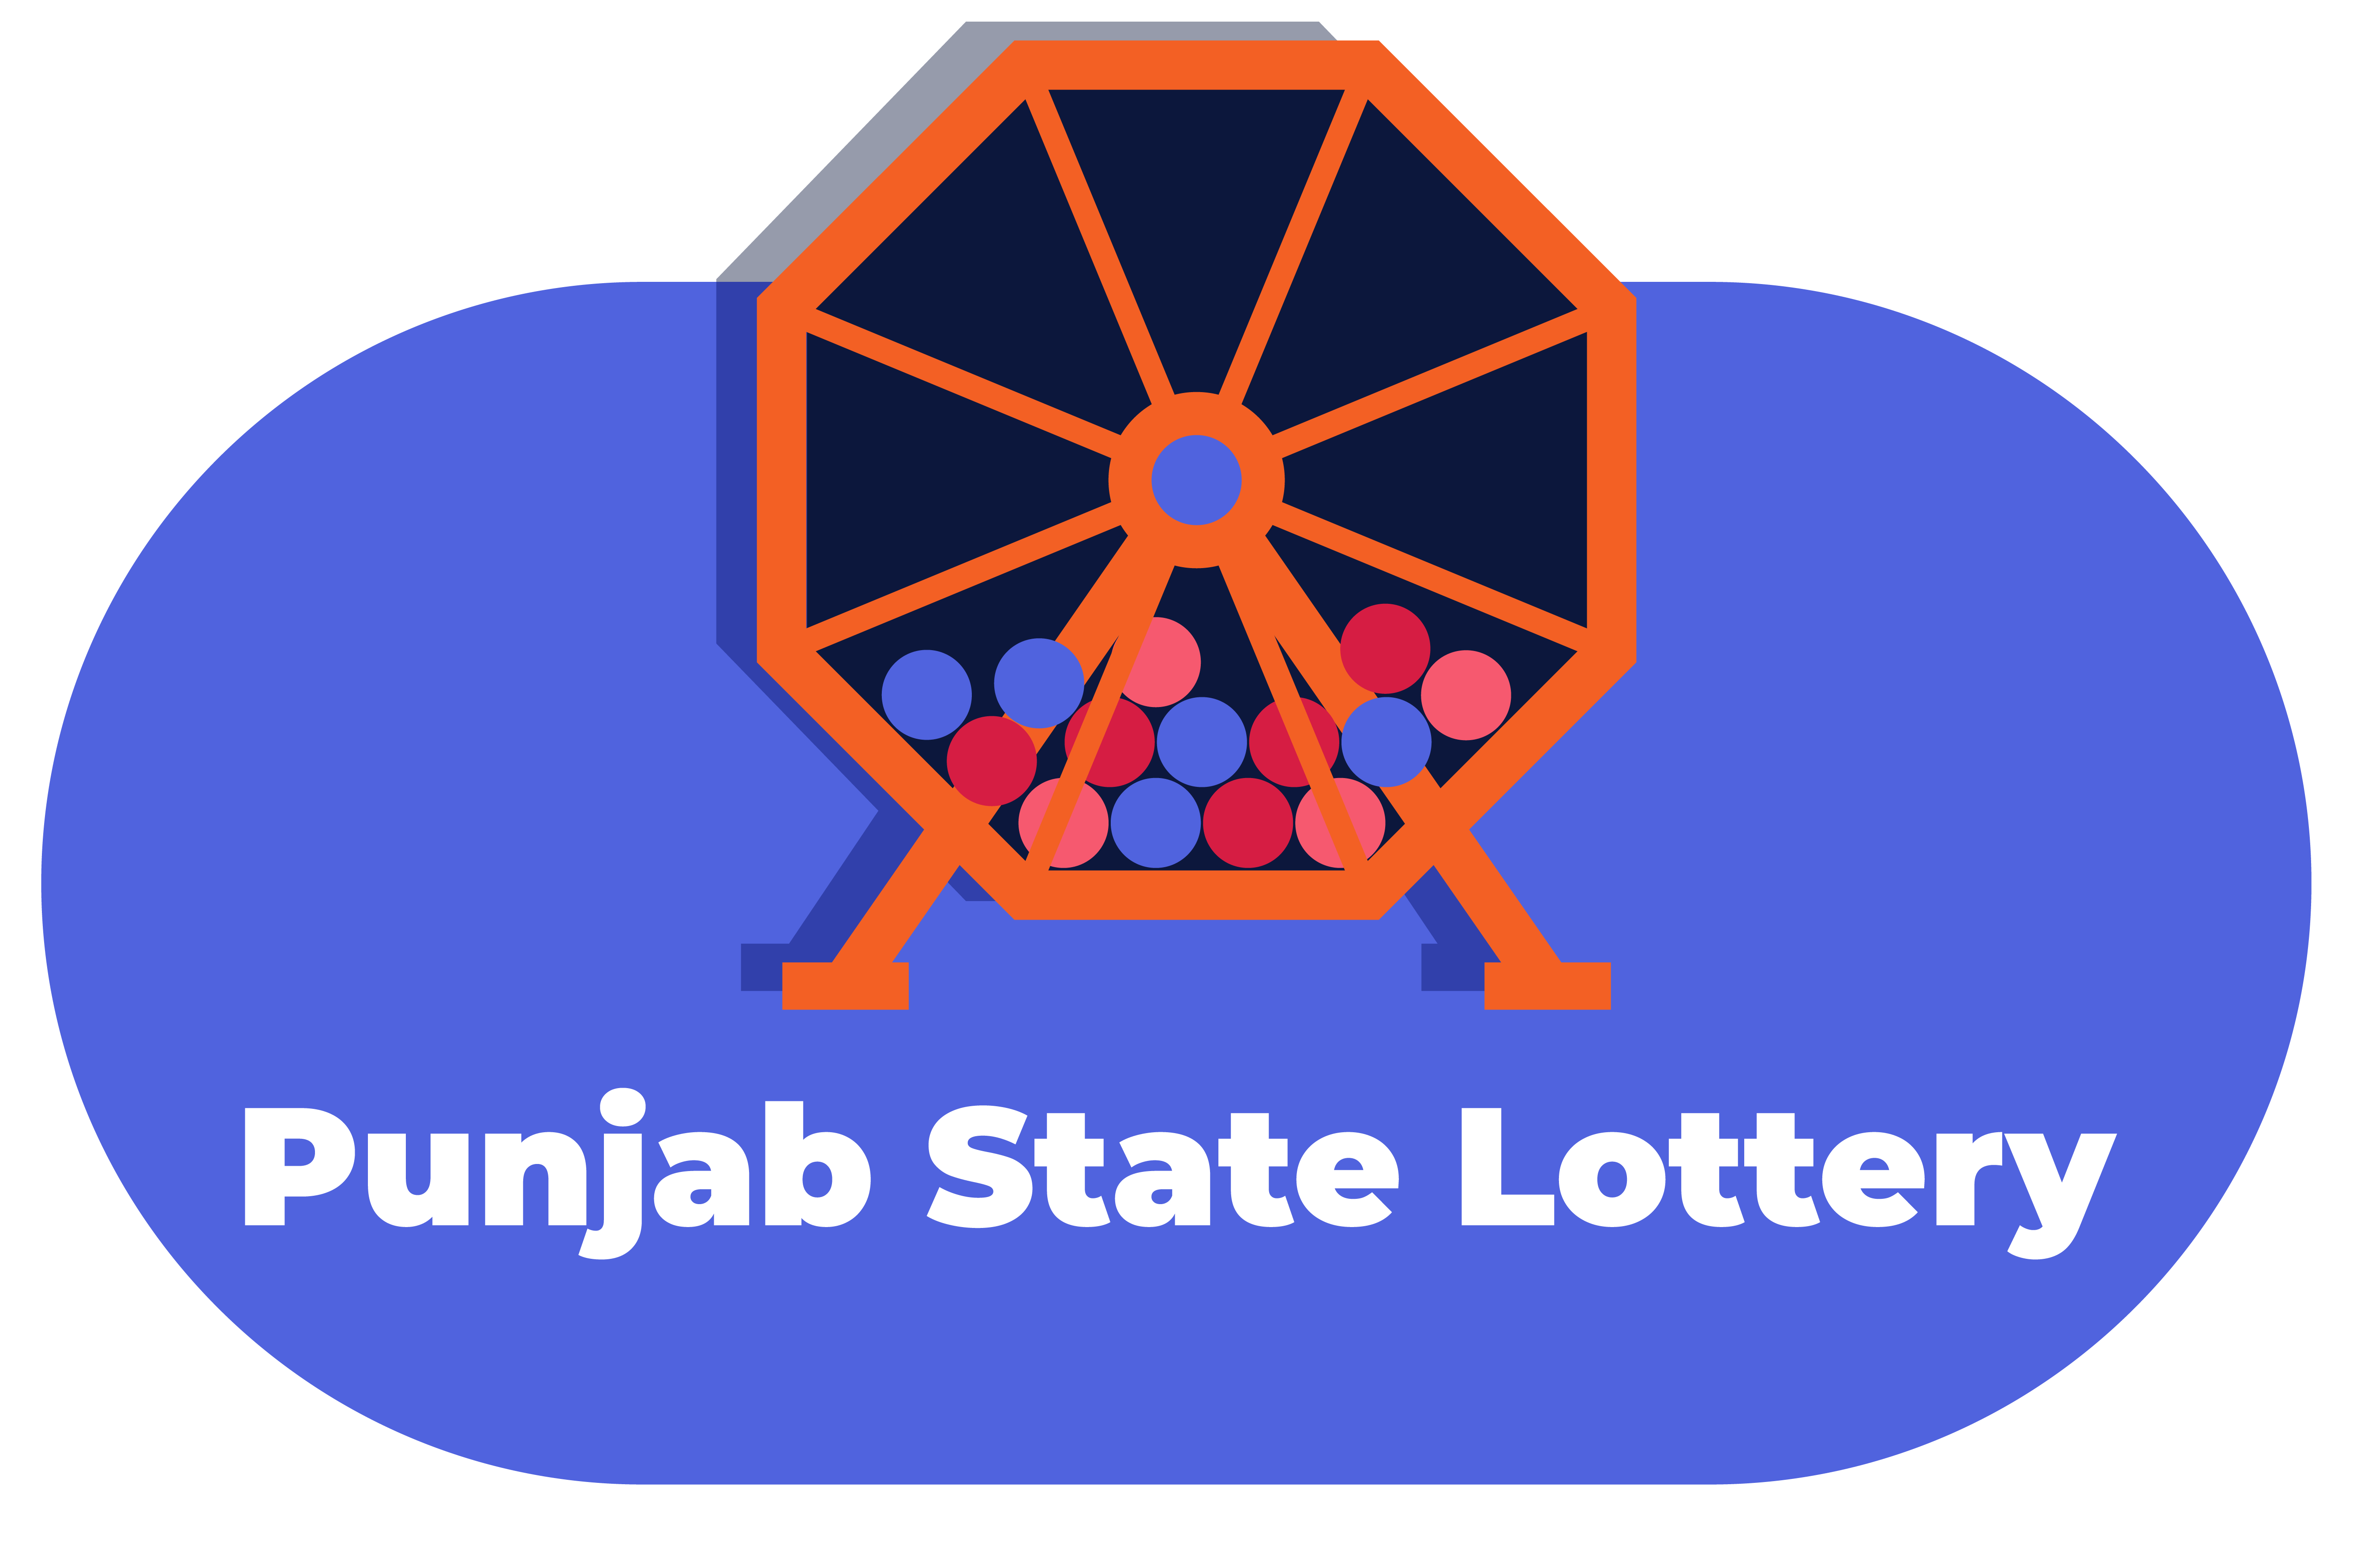 punjab state lottery